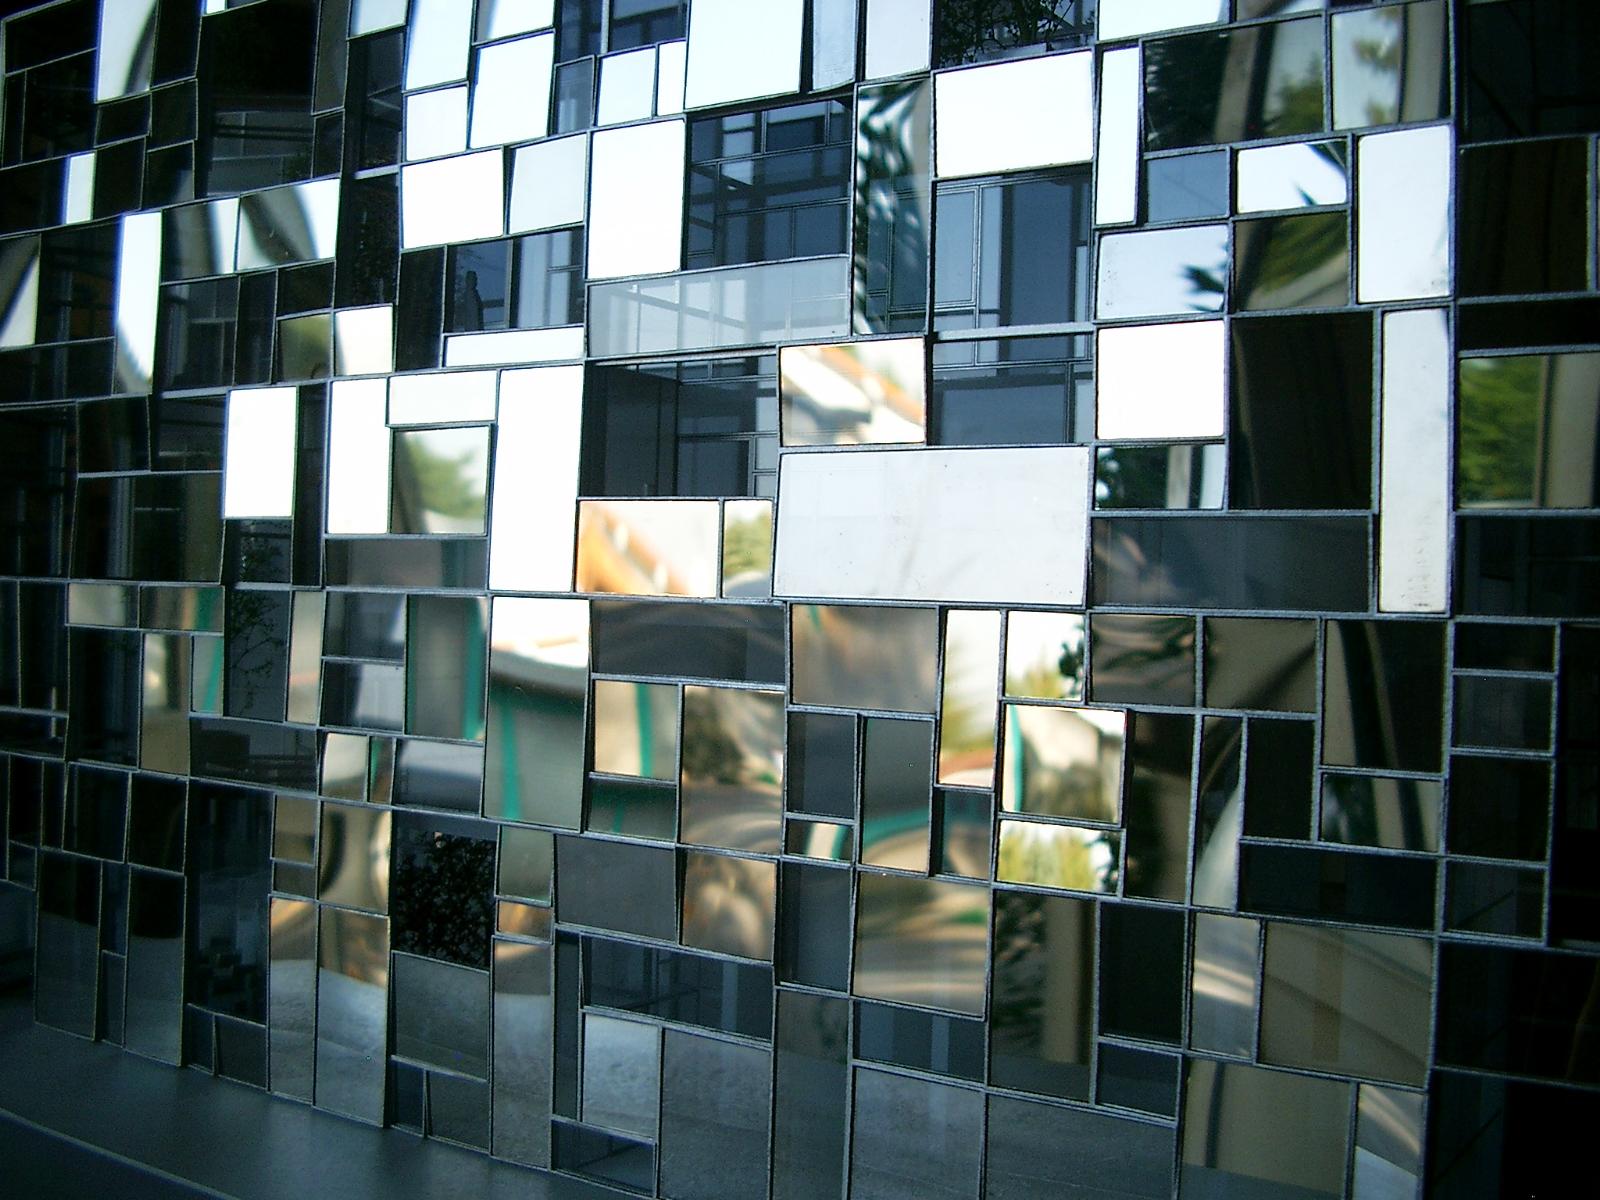 facade03 - Copy